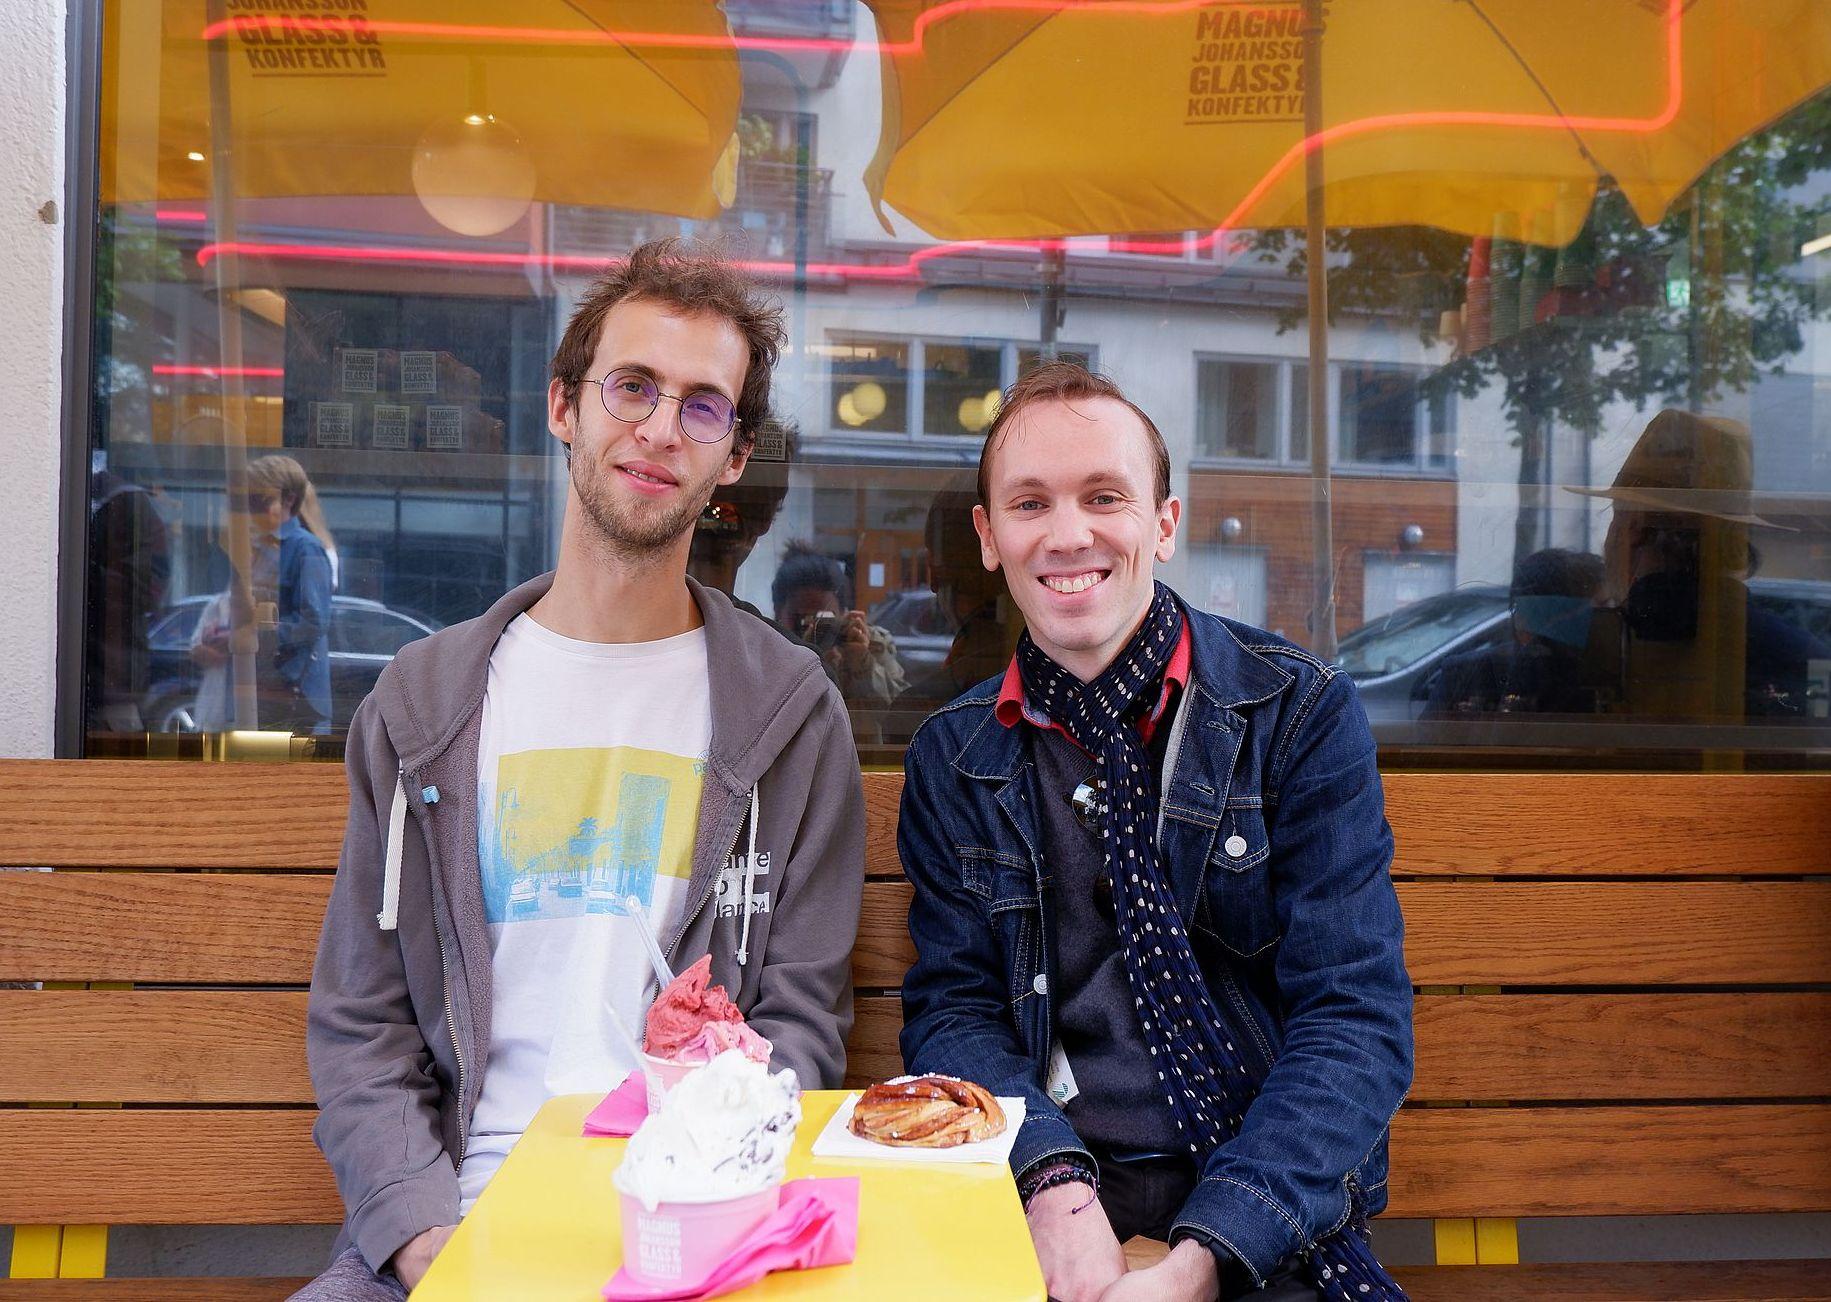 Ryan et Romain avec glace et roulé à la cannelle chez Magnus Johansson